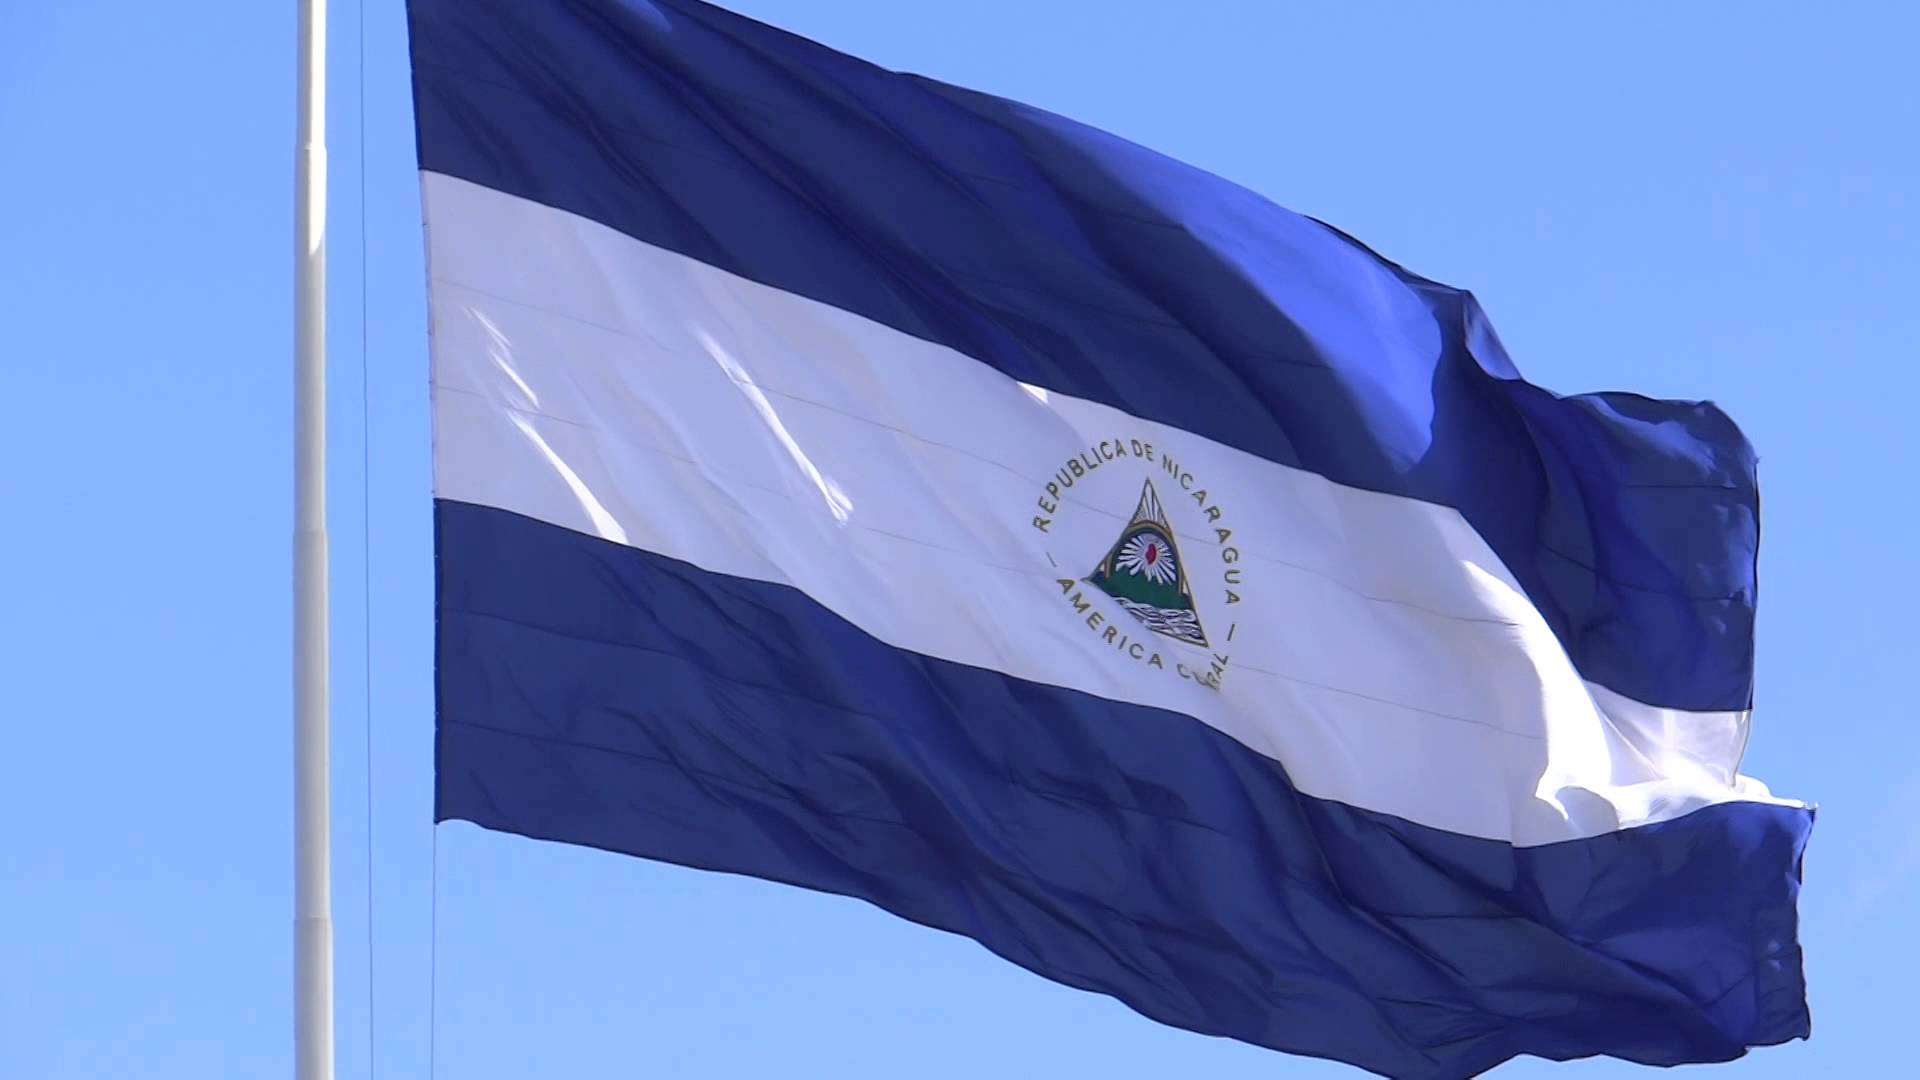 Le Nicaragua remercie pour l'aide cubaine après de fortes pluies